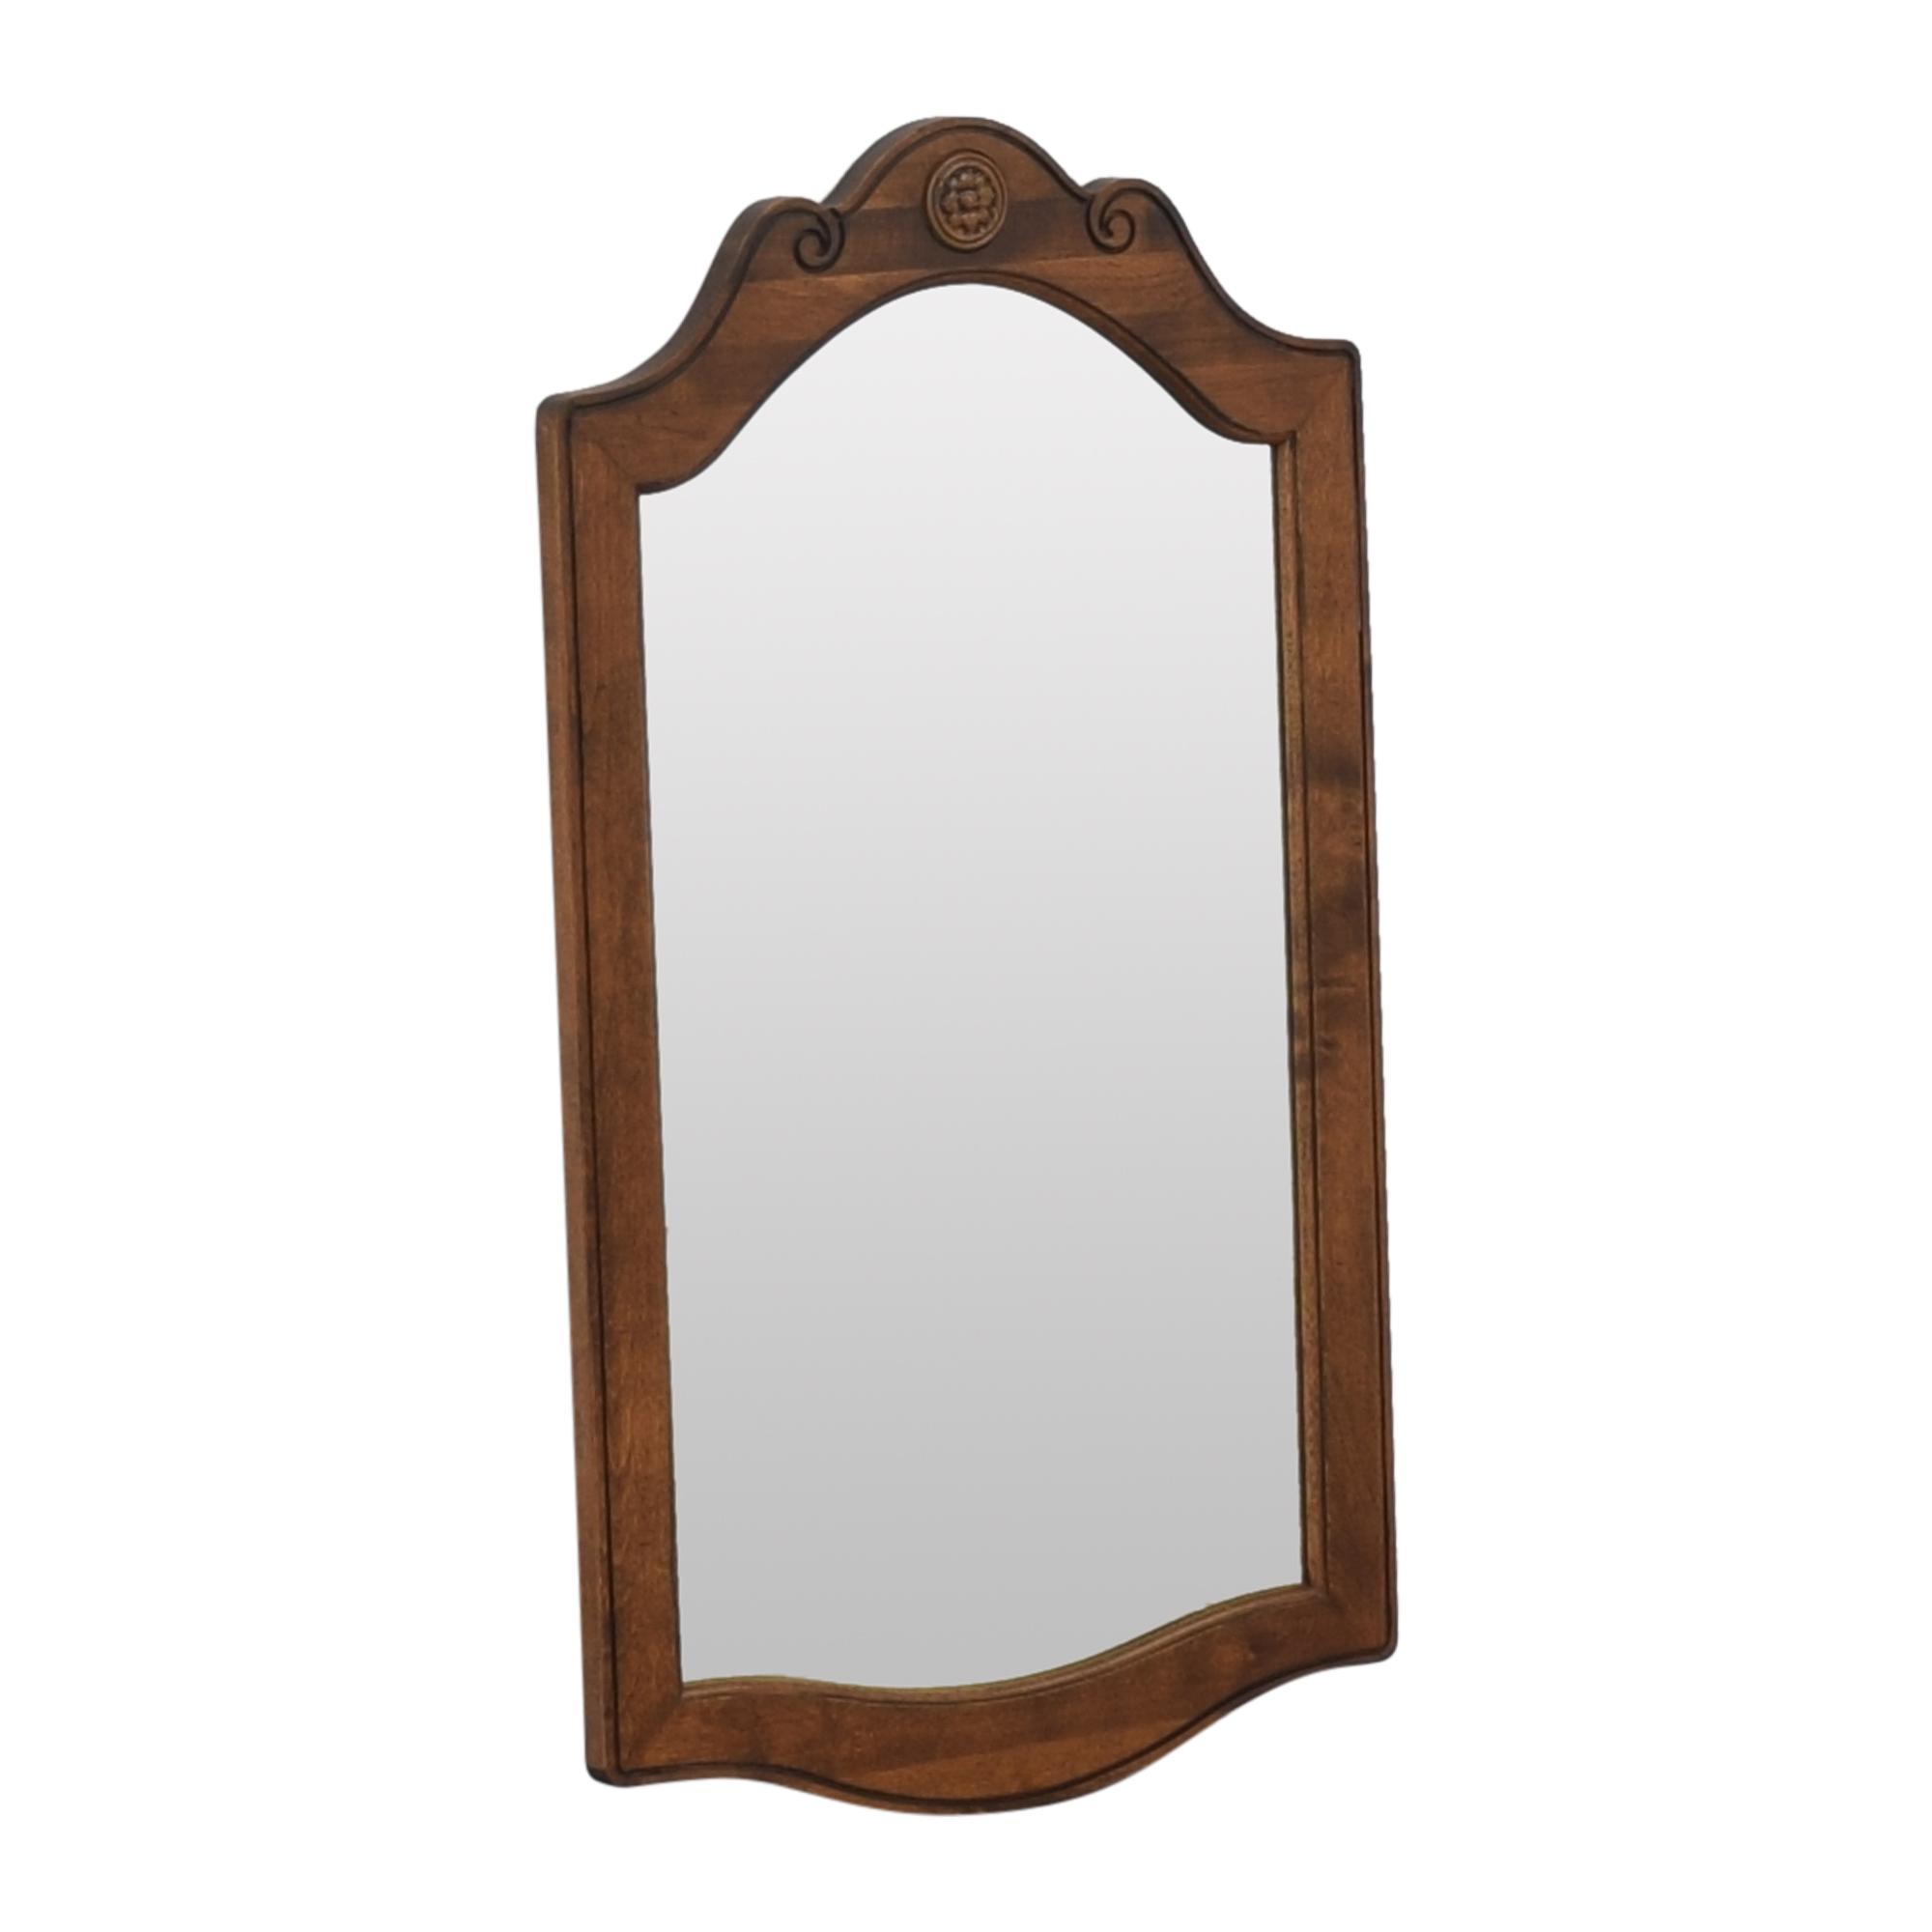 Ethan Allen Ethan Allen Framed Wall Mirror Decor